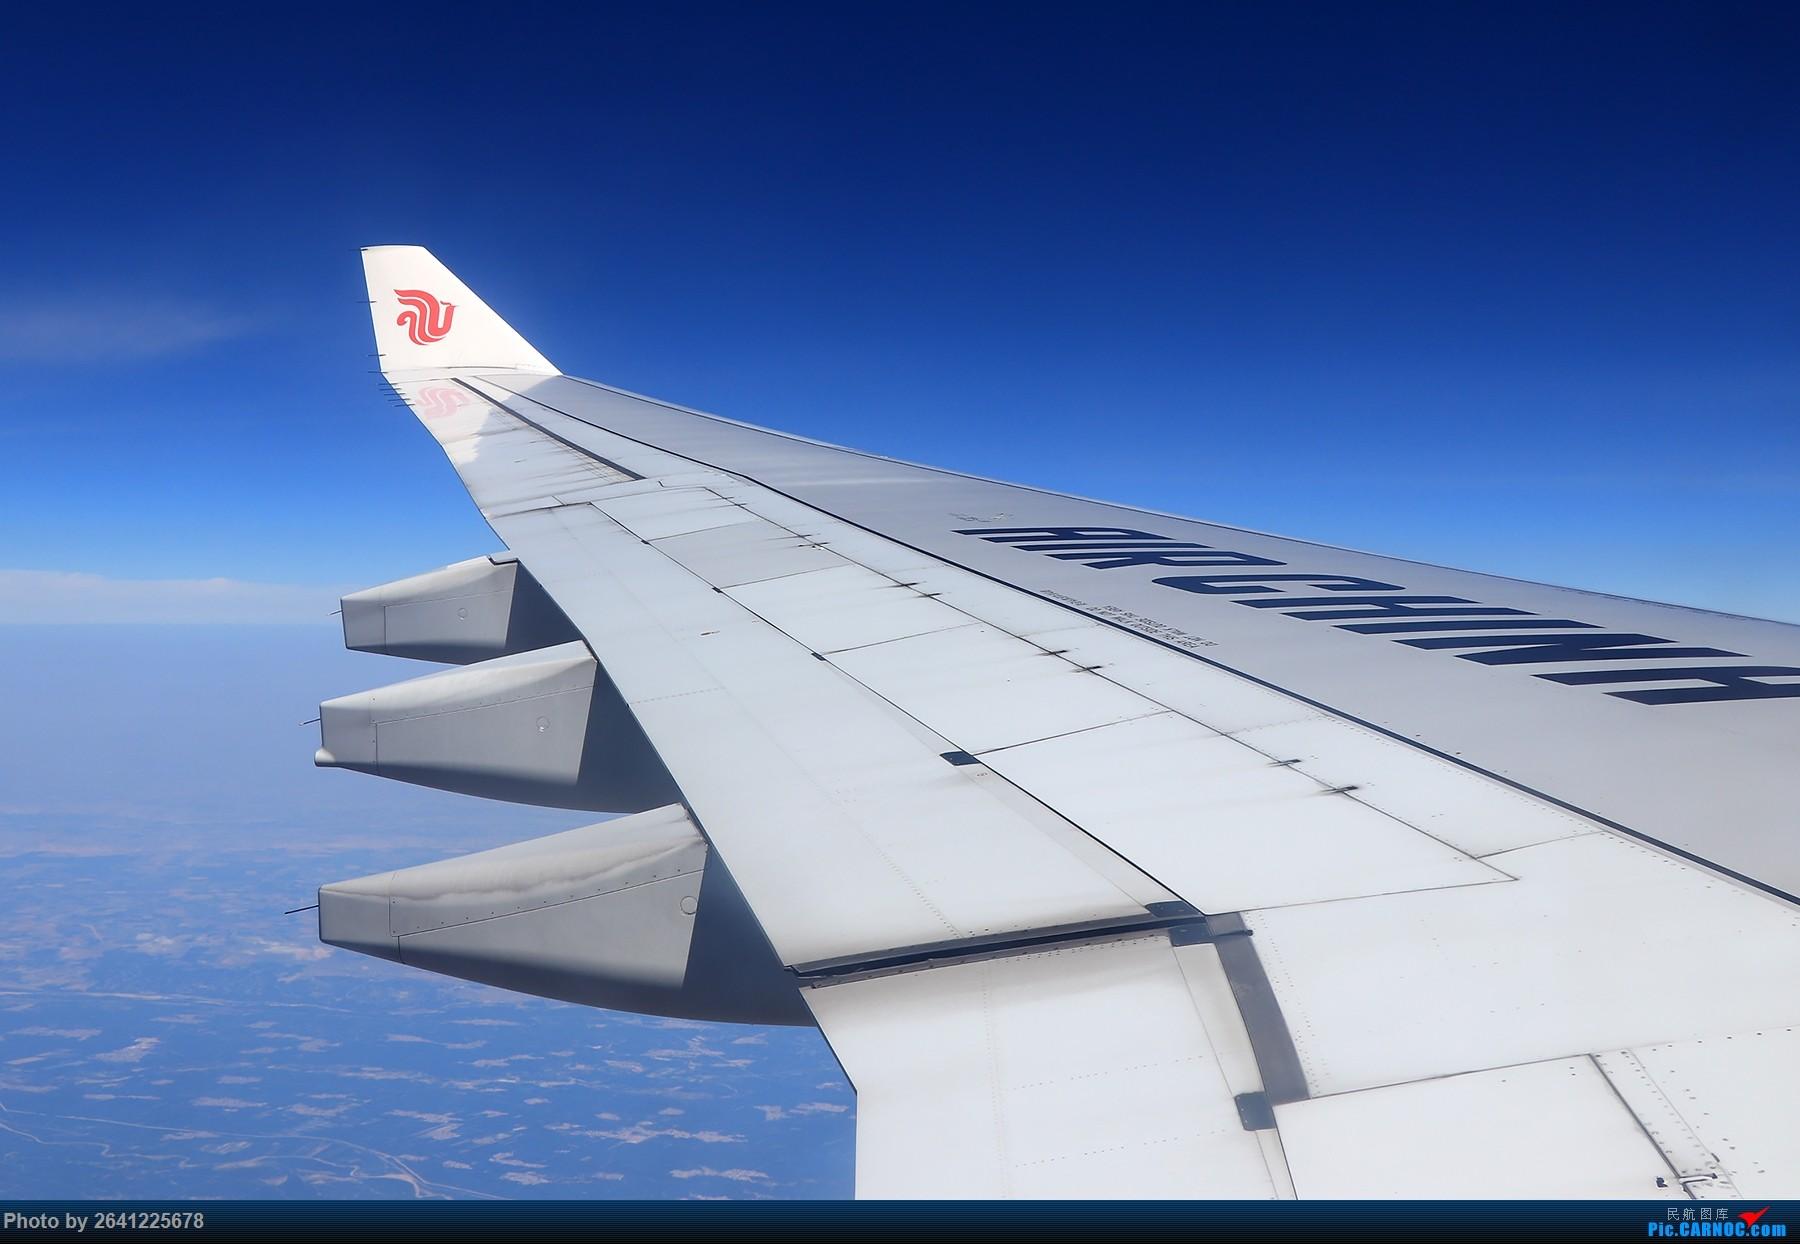 Re:[原创]【和小周飞拍世界第4集】空铁联运回家乡,长白延边好风光(家庭出游+探亲吉林6日游) AIRBUS A330-300 B-6511 中国长春龙嘉国际机场